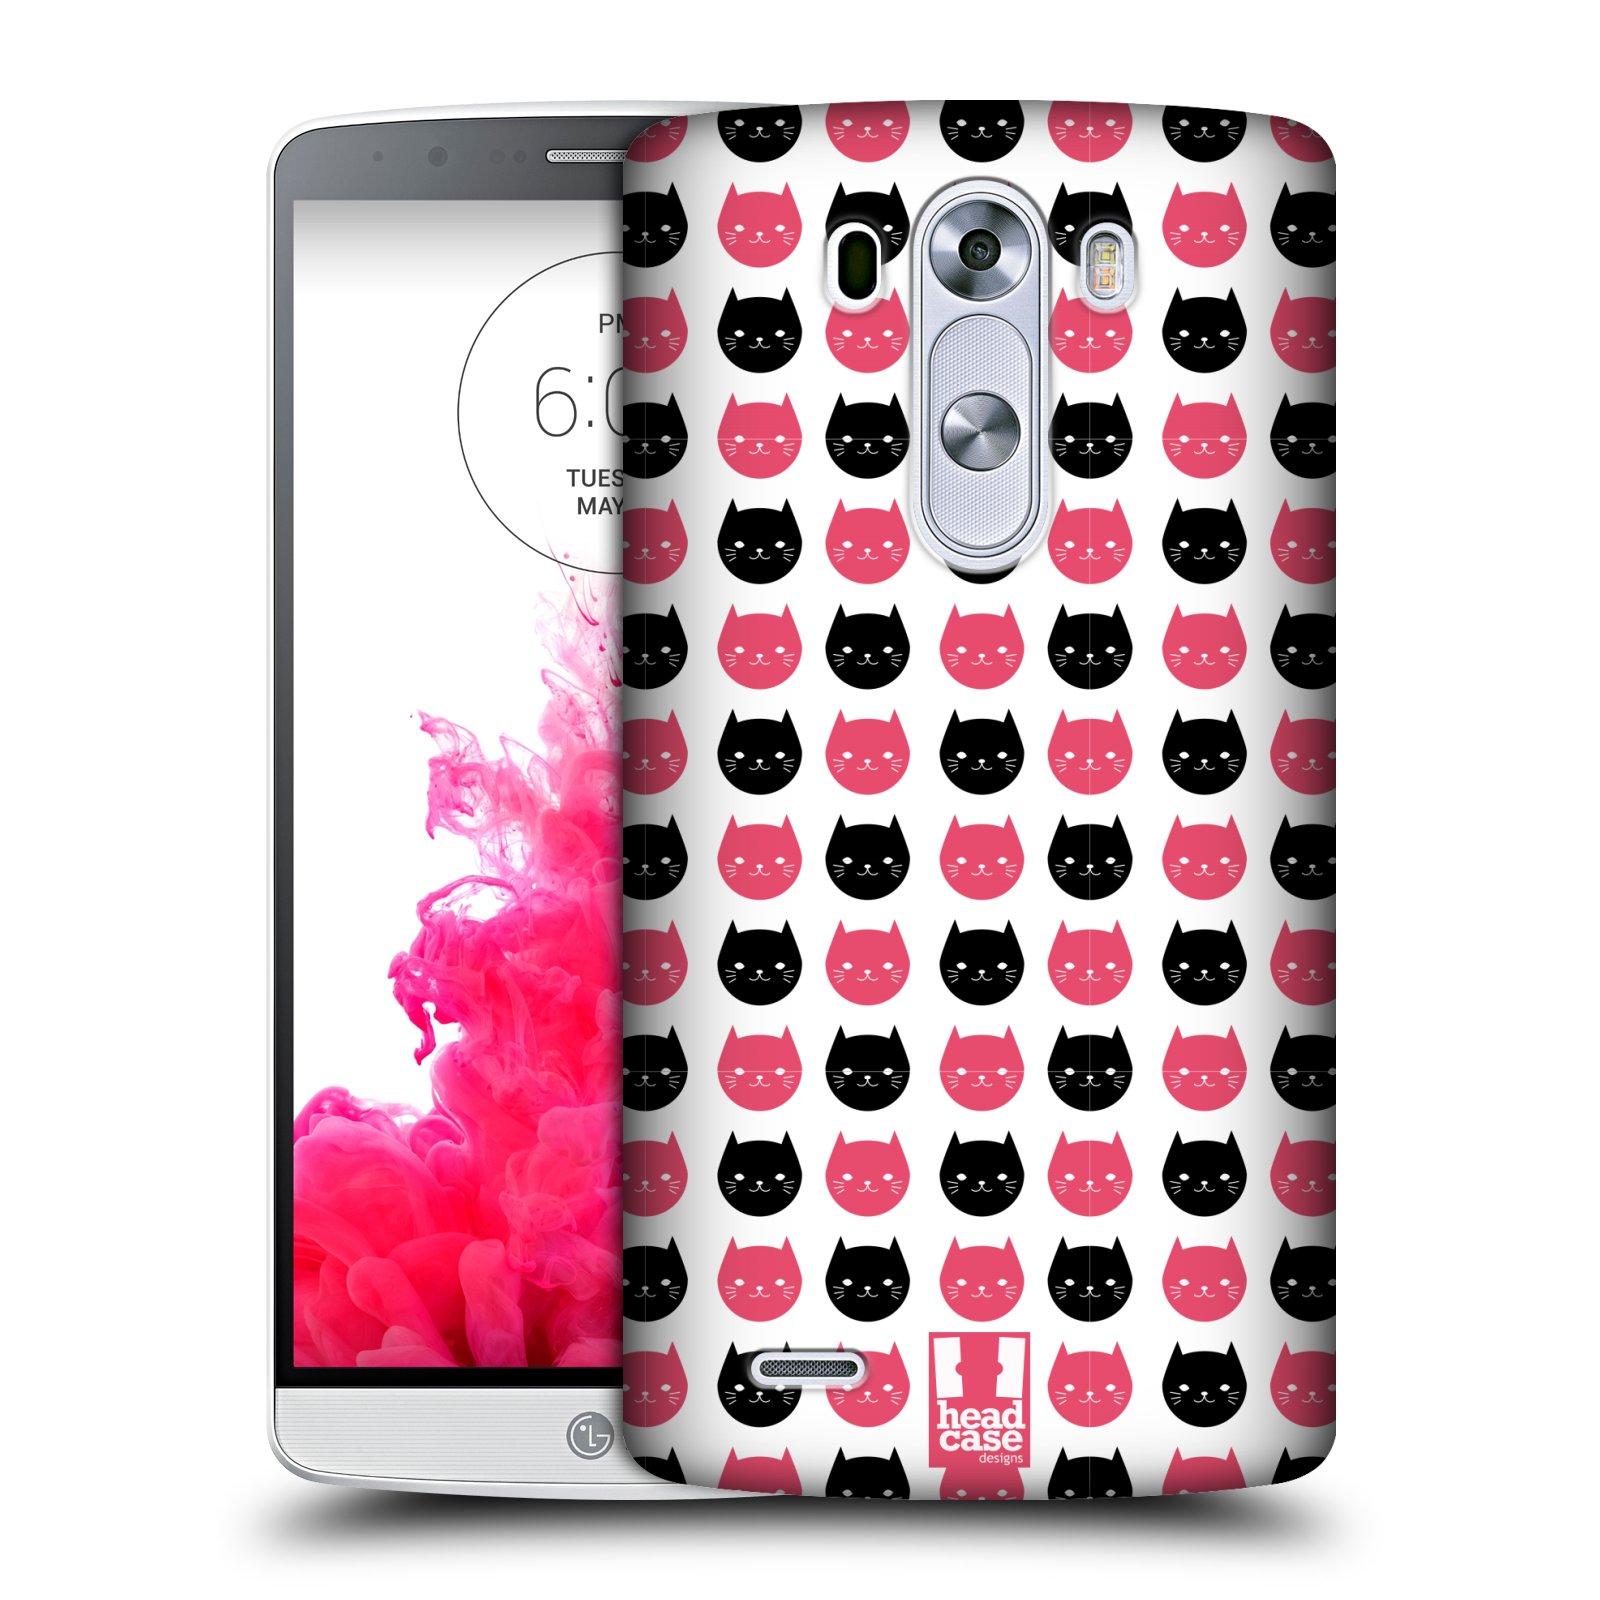 Plastové pouzdro na mobil LG G3 HEAD CASE KOČKY Black and Pink (Kryt či obal na mobilní telefon LG G3 D855)